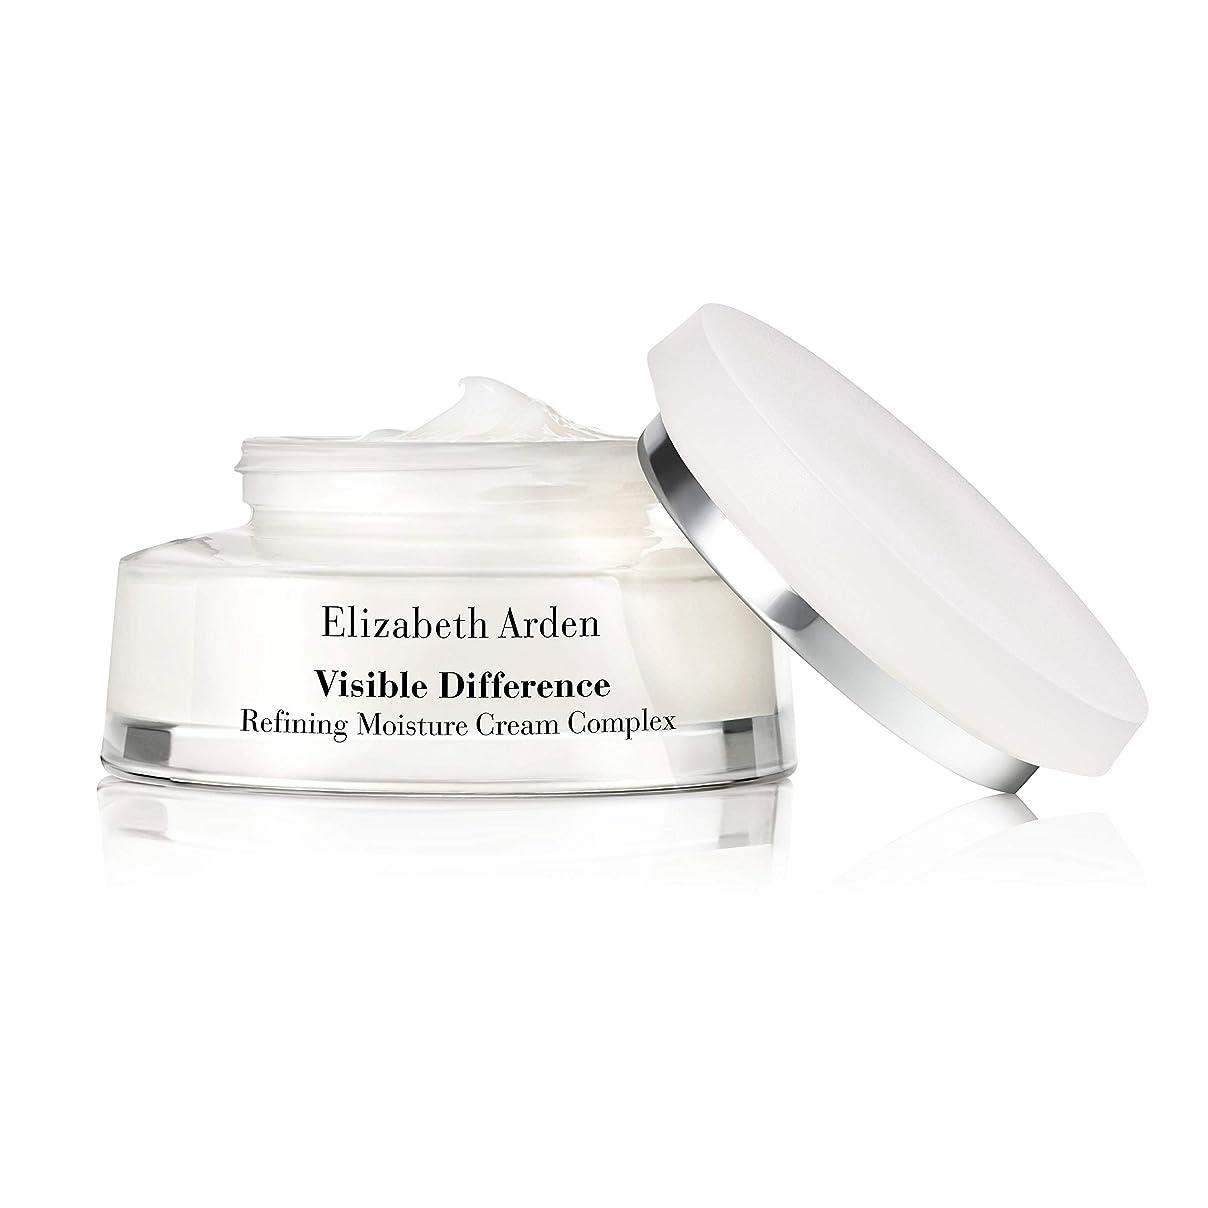 ディスコデザートネットELIZABETH ARDEN VISIBLE DIFFERENCE Refining Moisture Cream Complex 75 ml 2.5 oz